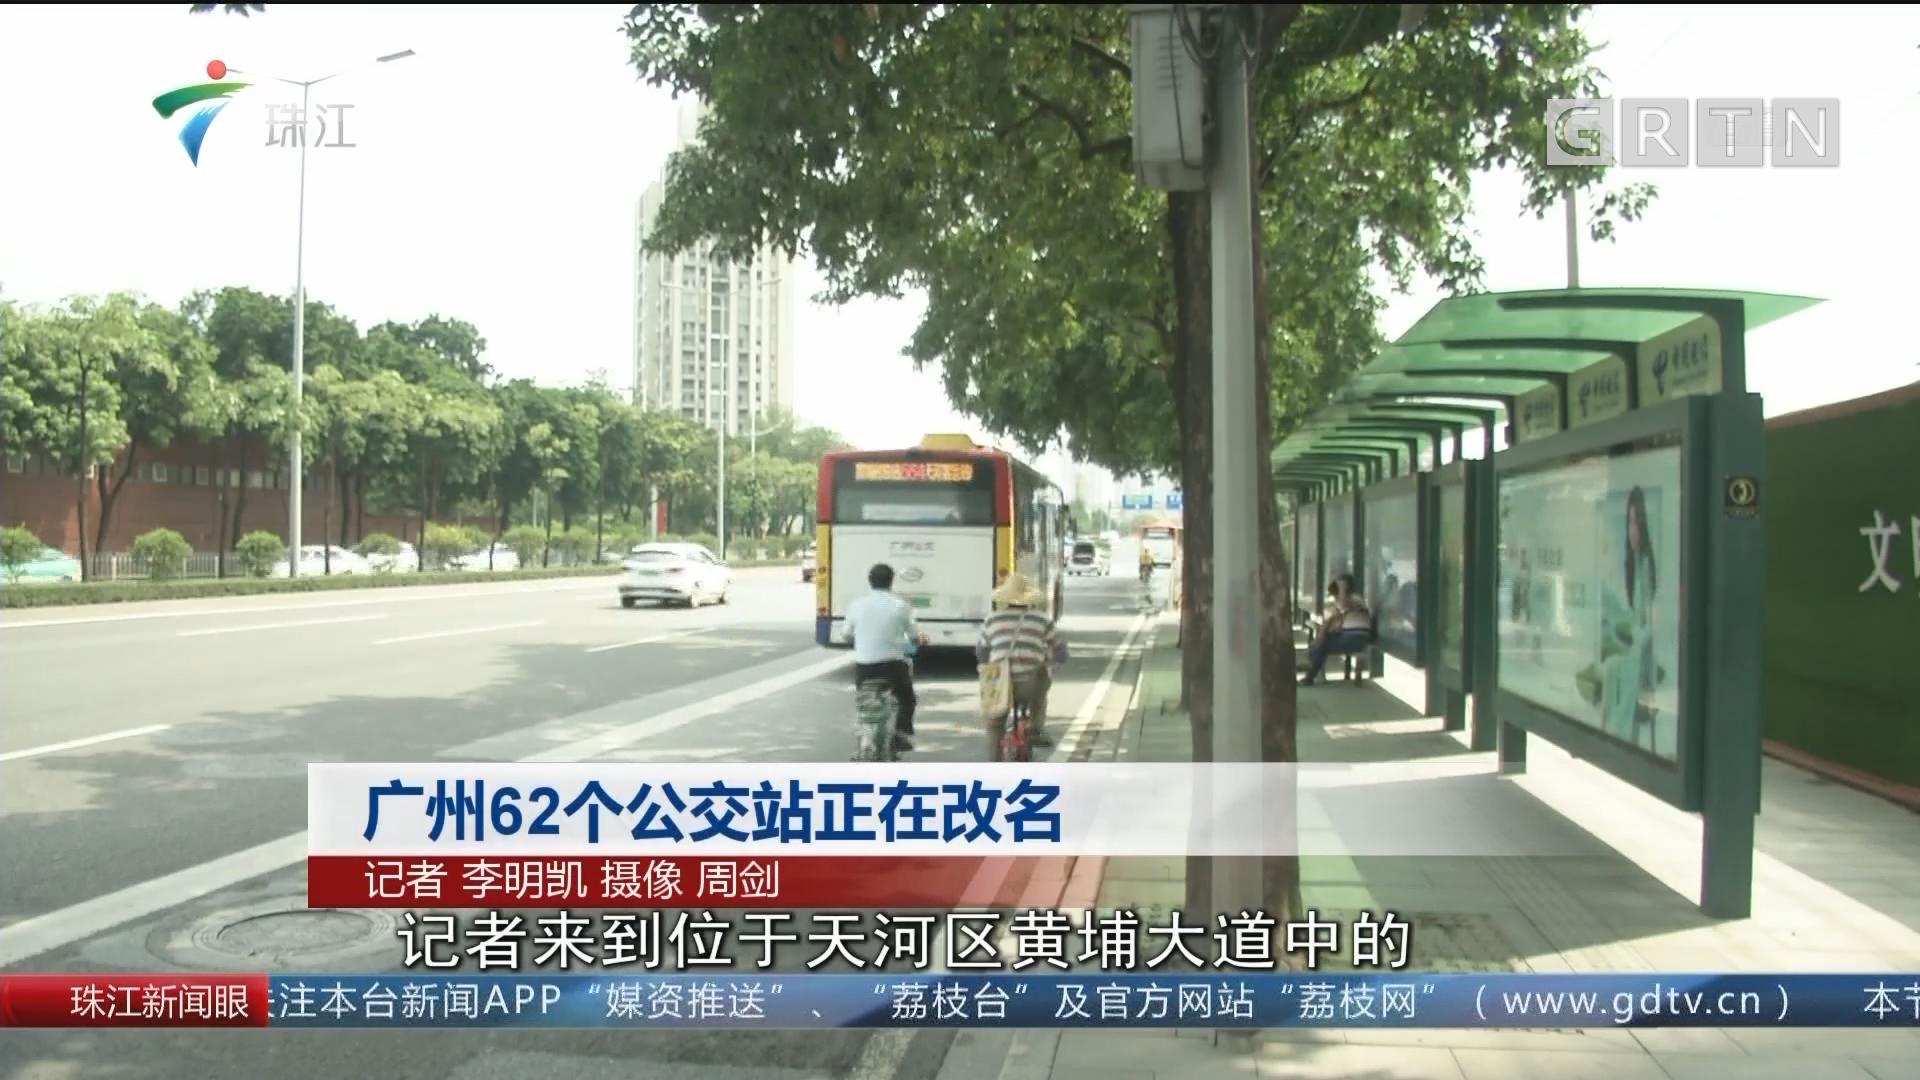 广州62个公交站正在改名